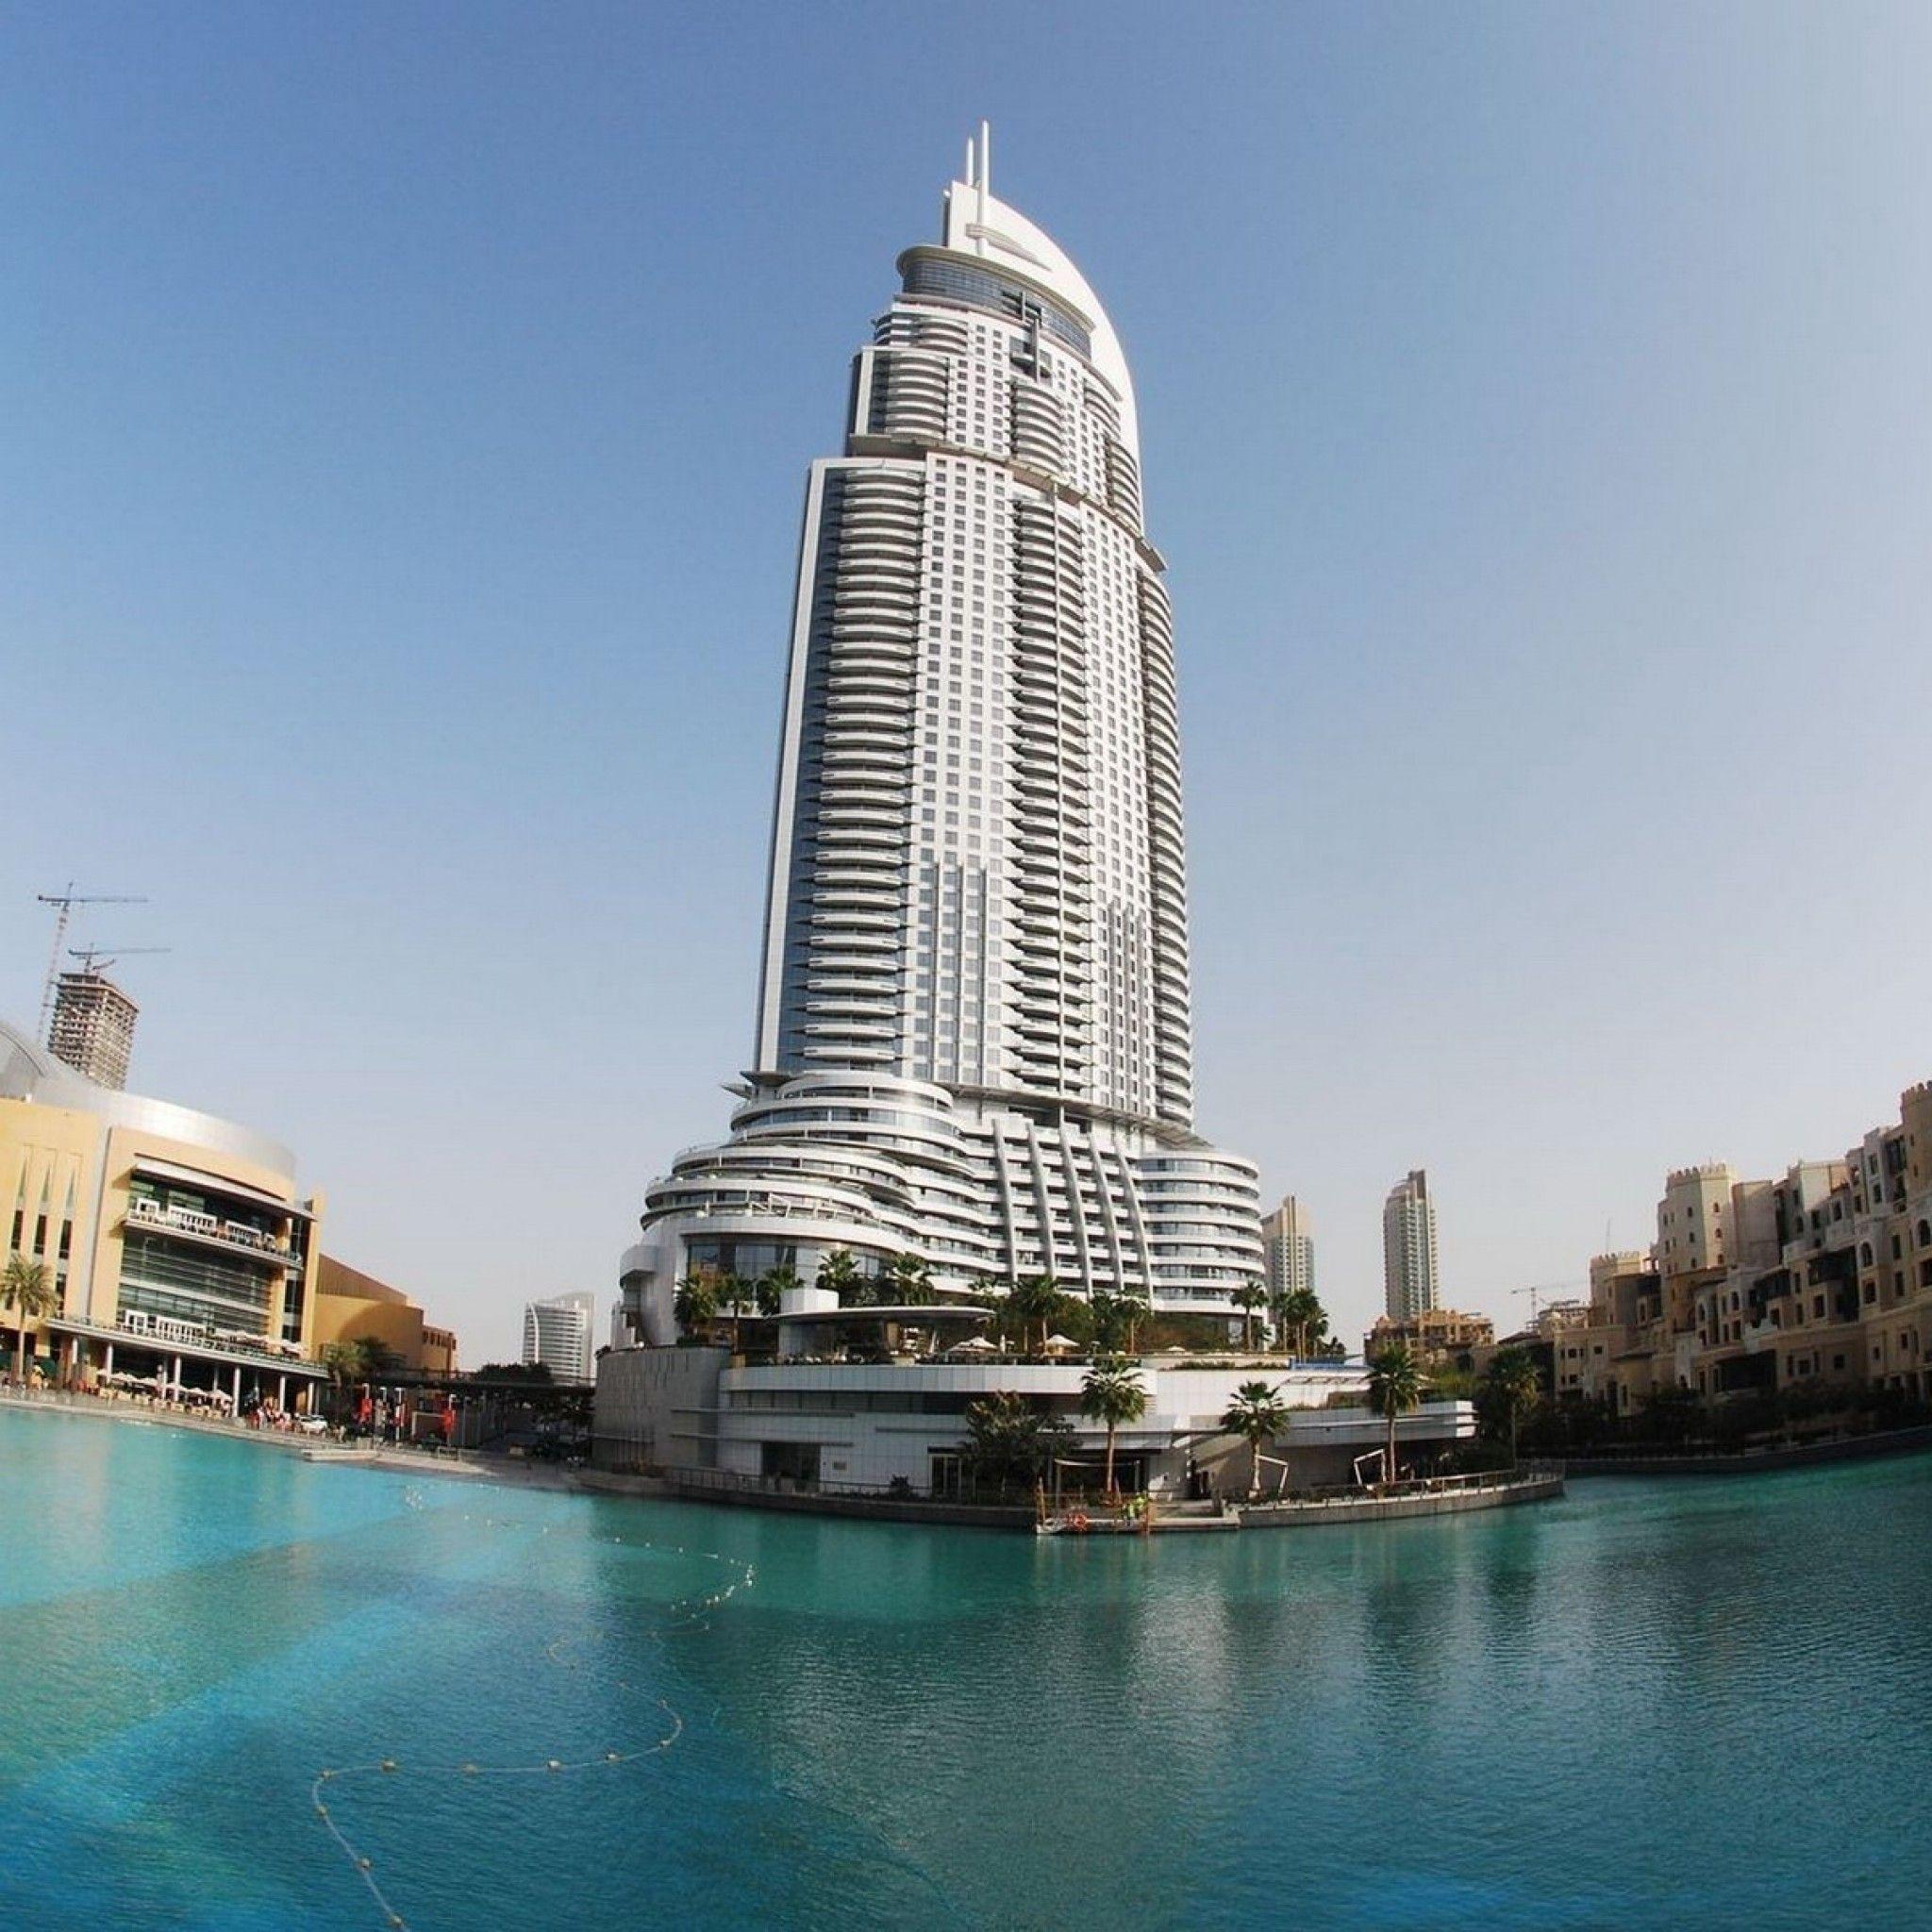 Top Wallpaper Mac Dubai - d6c53cfe104f8c958827f07c3d393d3e  Image_479484.jpg